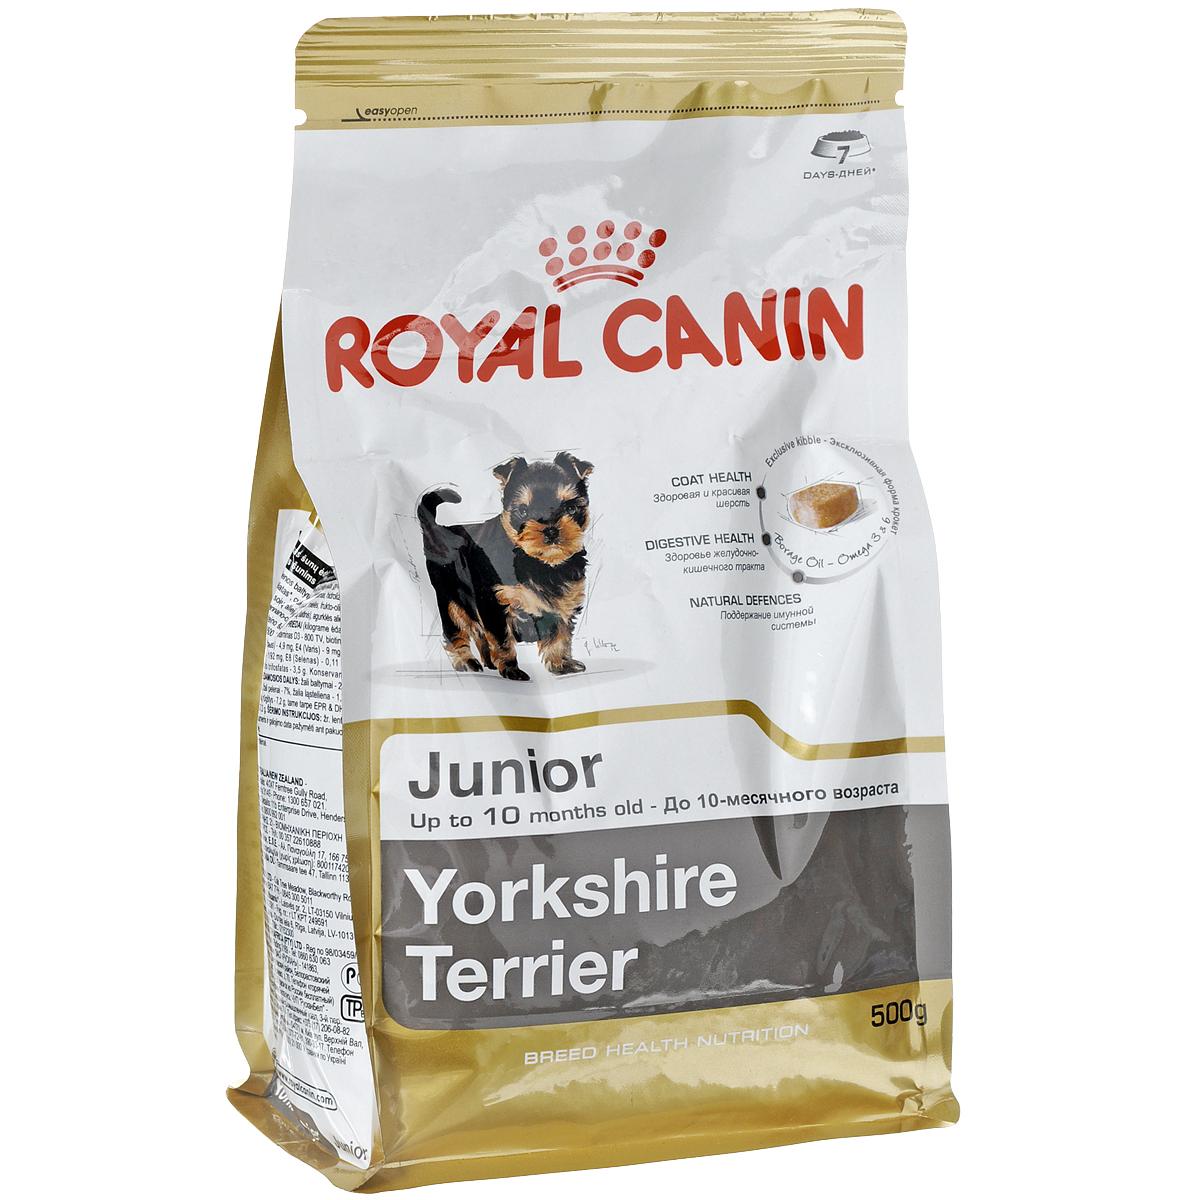 Корм сухой Royal Canin Yorkshire Terrier Junior, для щенков породы йоркширский терьер ввозрасте до 10 месяцев, 1,5 кг167015Сухой корм Royal Canin Yorkshire Terrier Junior - это полнорационный корм для щенков породы йоркширский терьер в возрасте до 10месяцев. Здоровая шерсть. Эксклюзивная формула поддерживает здоровье и красоту шерсти йоркширского терьера. Кормобогащен жирными кислотами Омега-3 (EPA и DHA) и Омега-6, маслом бурачника и биотином. Безопасность пищеварения. Корм обеспечивает оптимальную безопасность пищеварения и поддерживает баланскишечной флоры щенков йоркширского терьера.Надежная естественная защита. Корм позволяет обеспечить естественную защиту организма щенкайоркширского терьера.Профилактика образования зубного камня.Благодаря хелаторам кальция и специально подобранной текстуре крокет, которая оказывает чистящее воздействие, корм помогает ограничить образование зубного камня у щенков породы йоркширский терьер.Состав: дегидратированные белки животного происхождения (птица), изолят растительных белков, рис,животные жиры, кукурузная мука, свекольный жом, гидролизат белков животного происхождения, минеральныевещества, соевое масло, рыбий жир, фруктоолигосахариды, дрожжи, гидролизат дрожжей (источник маннановыхолигосахаридов), масло огуречника аптечного (0,1%), экстракт бархатцев прямостоячих (источник лютеина). Добавки (в 1 кг): Питательные добавки: витамин A: 29500 МЕ, витамин D3: 800 МЕ, Биотин: 3,07 мг, E1 (железо): 49 мг,E2 (йод): 4,9 мг, E5 (марганец): 64 мг, E6 (цинк): 192 мг, E8 (селен): 0,11 мг. Технологические добавки: триполифосфатнатрия: 3,5 г, консервант: сорбат калия, антиокислители: пропилгаллат, БГА. Содержание питательных веществ: Белки 29%, жиры 20%, минеральные вещества 7%, клетчатка пищевая 1,3%. В 1кг: жирные кислоты Омега 3: 7,2 г, в том числе жирные кислоты EPA и DNA: 3 г, жирные кислоты Омега 6: 37,2 г, медь:15 мг.Товар сертифицирован.